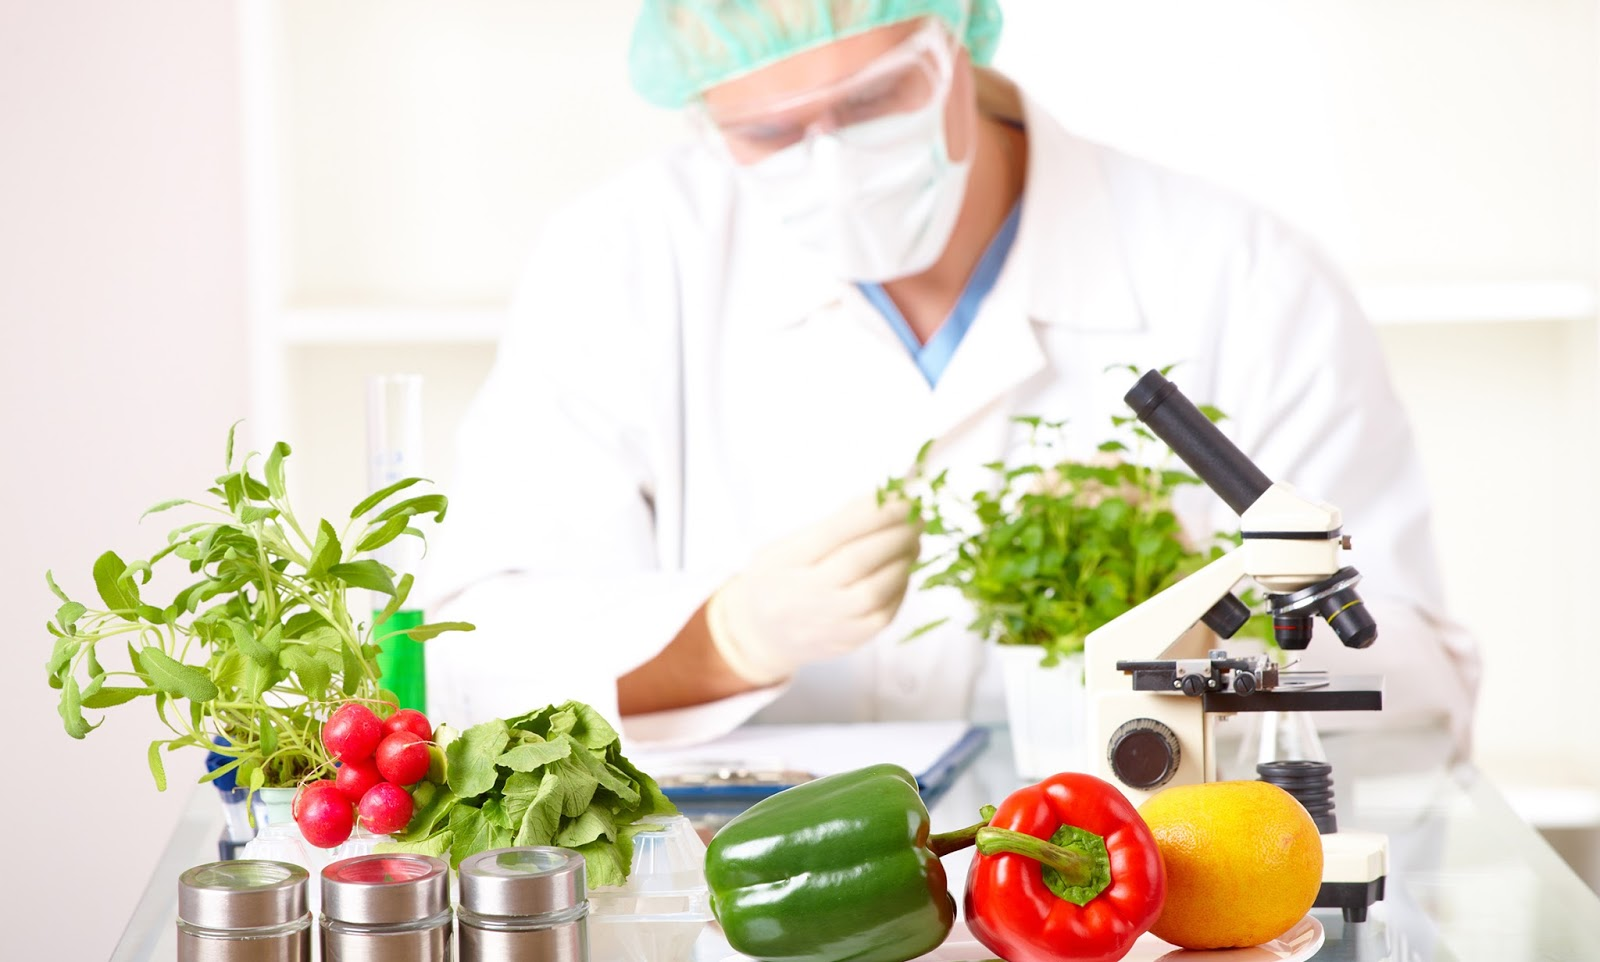 Buscan elevar estándares alimentarios  de Chile